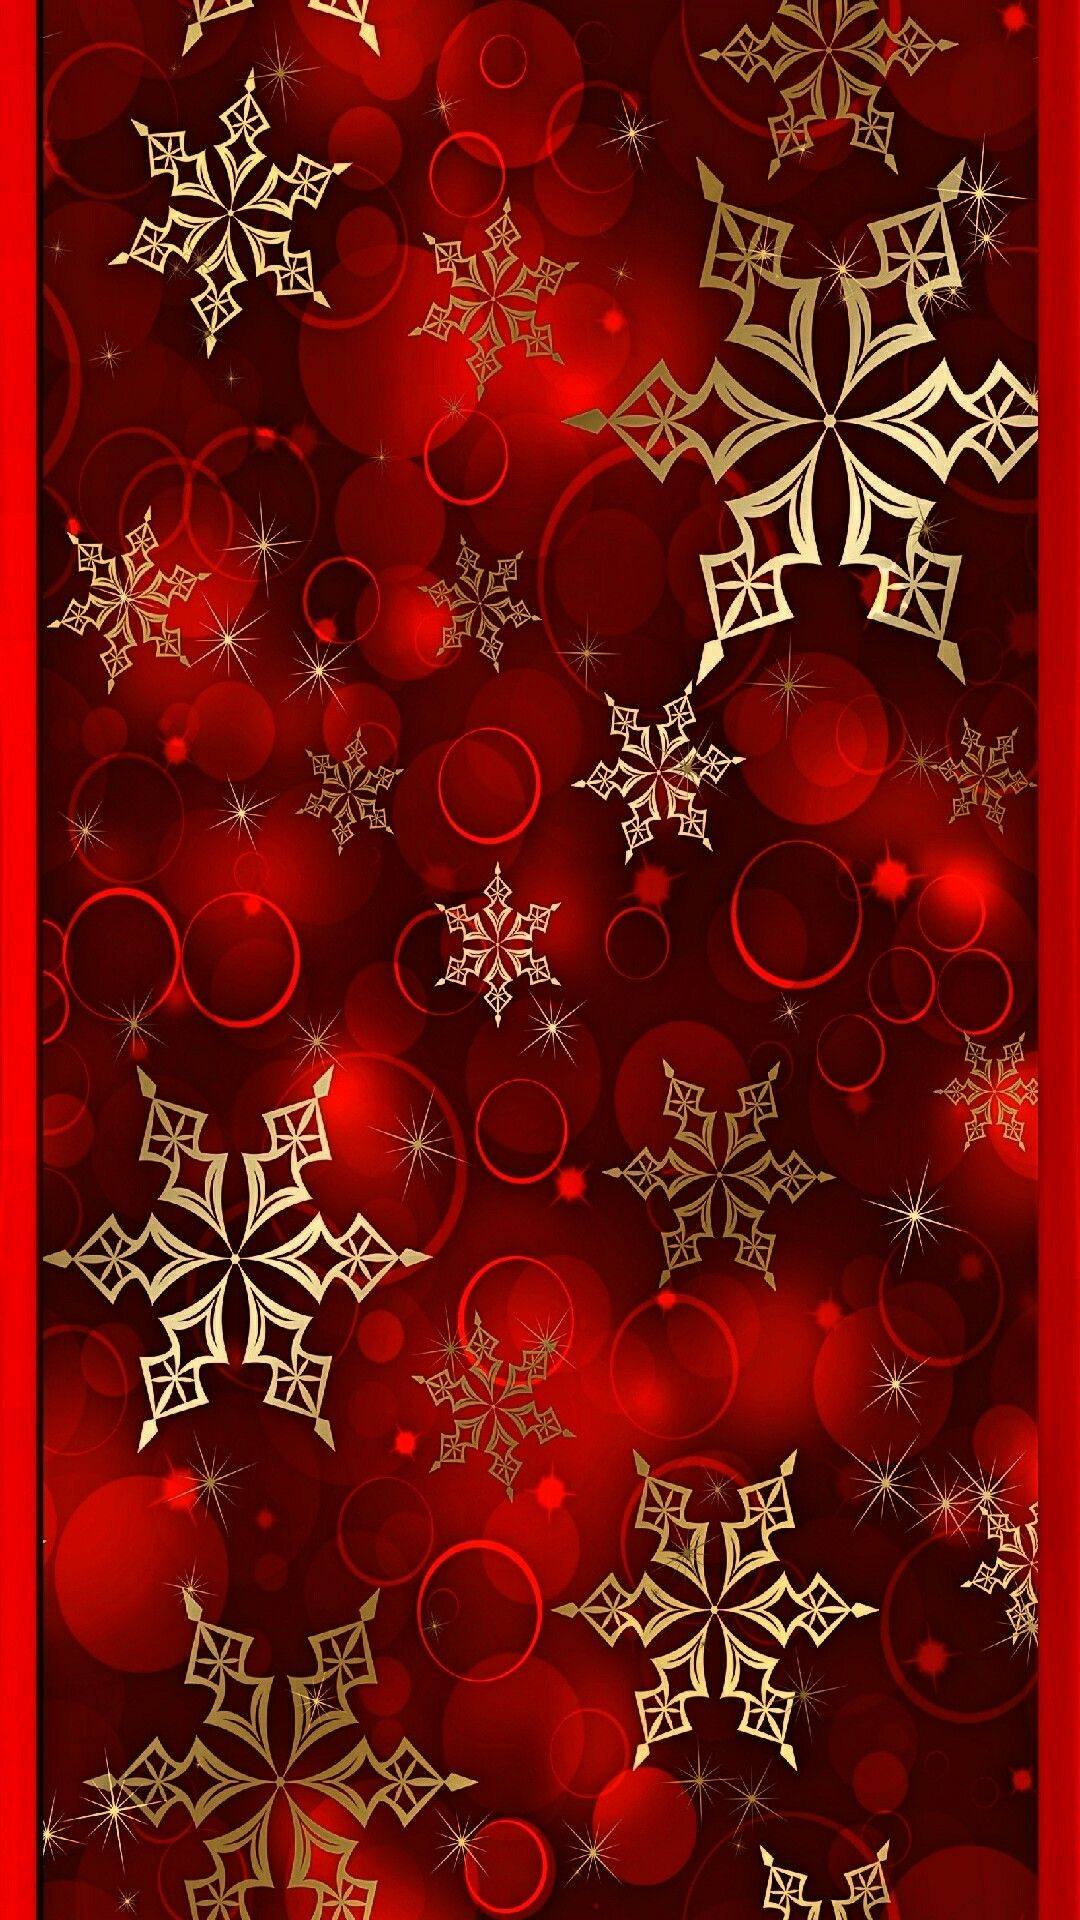 Holiday Wallpaper Xmas wallpaper